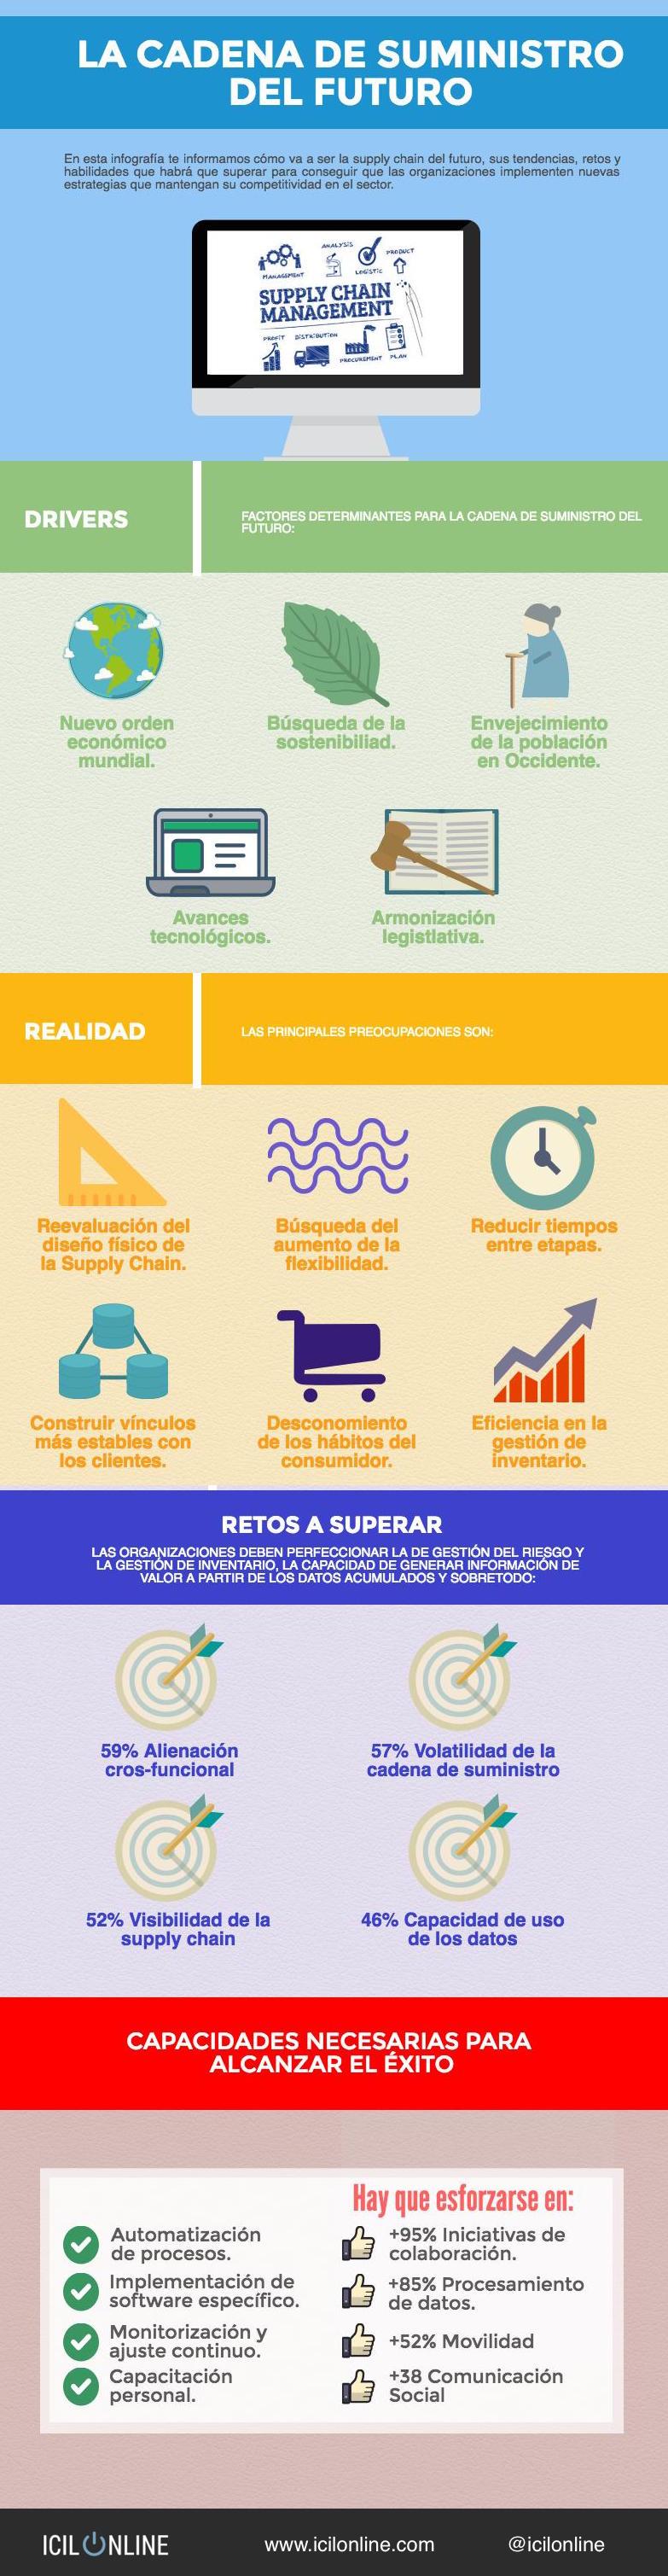 cadena_suministro_del_futuro-infografia